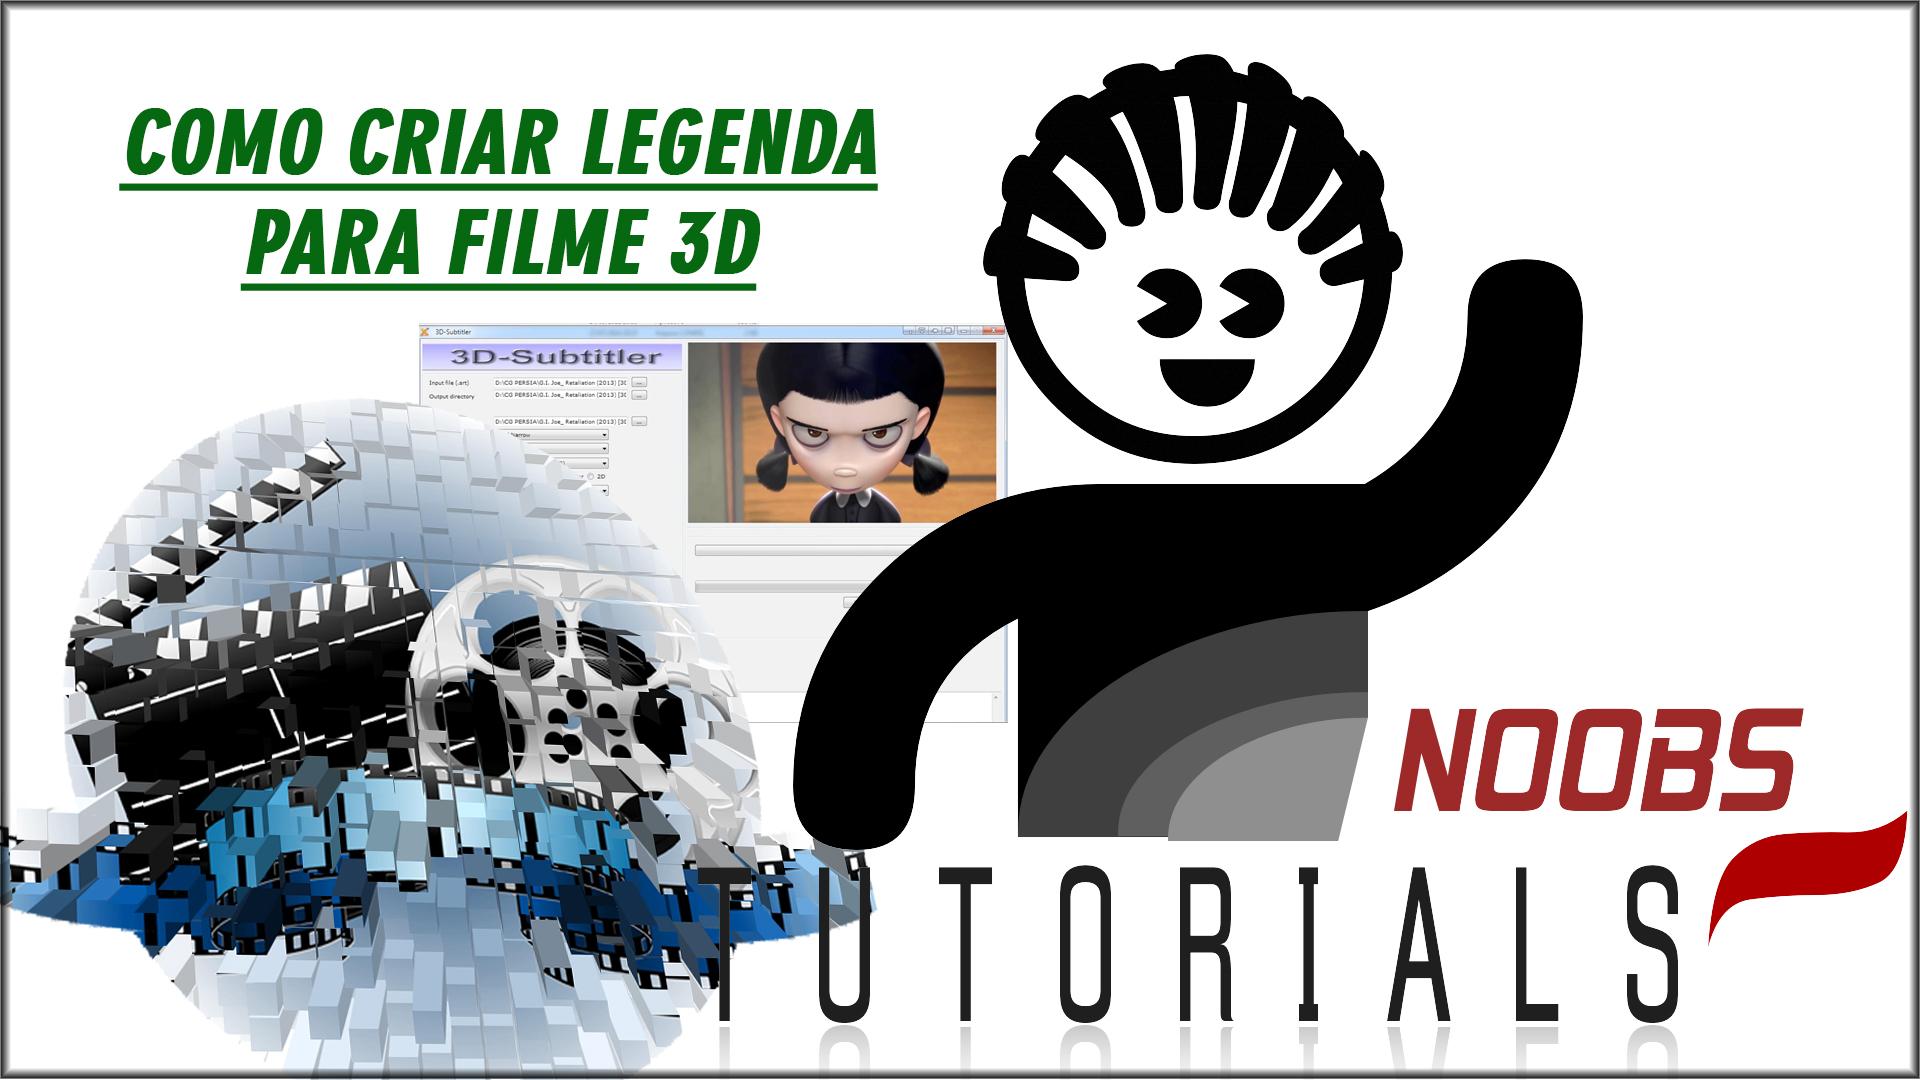 COMO CRIAR LEGENDA PARA FILME 3D